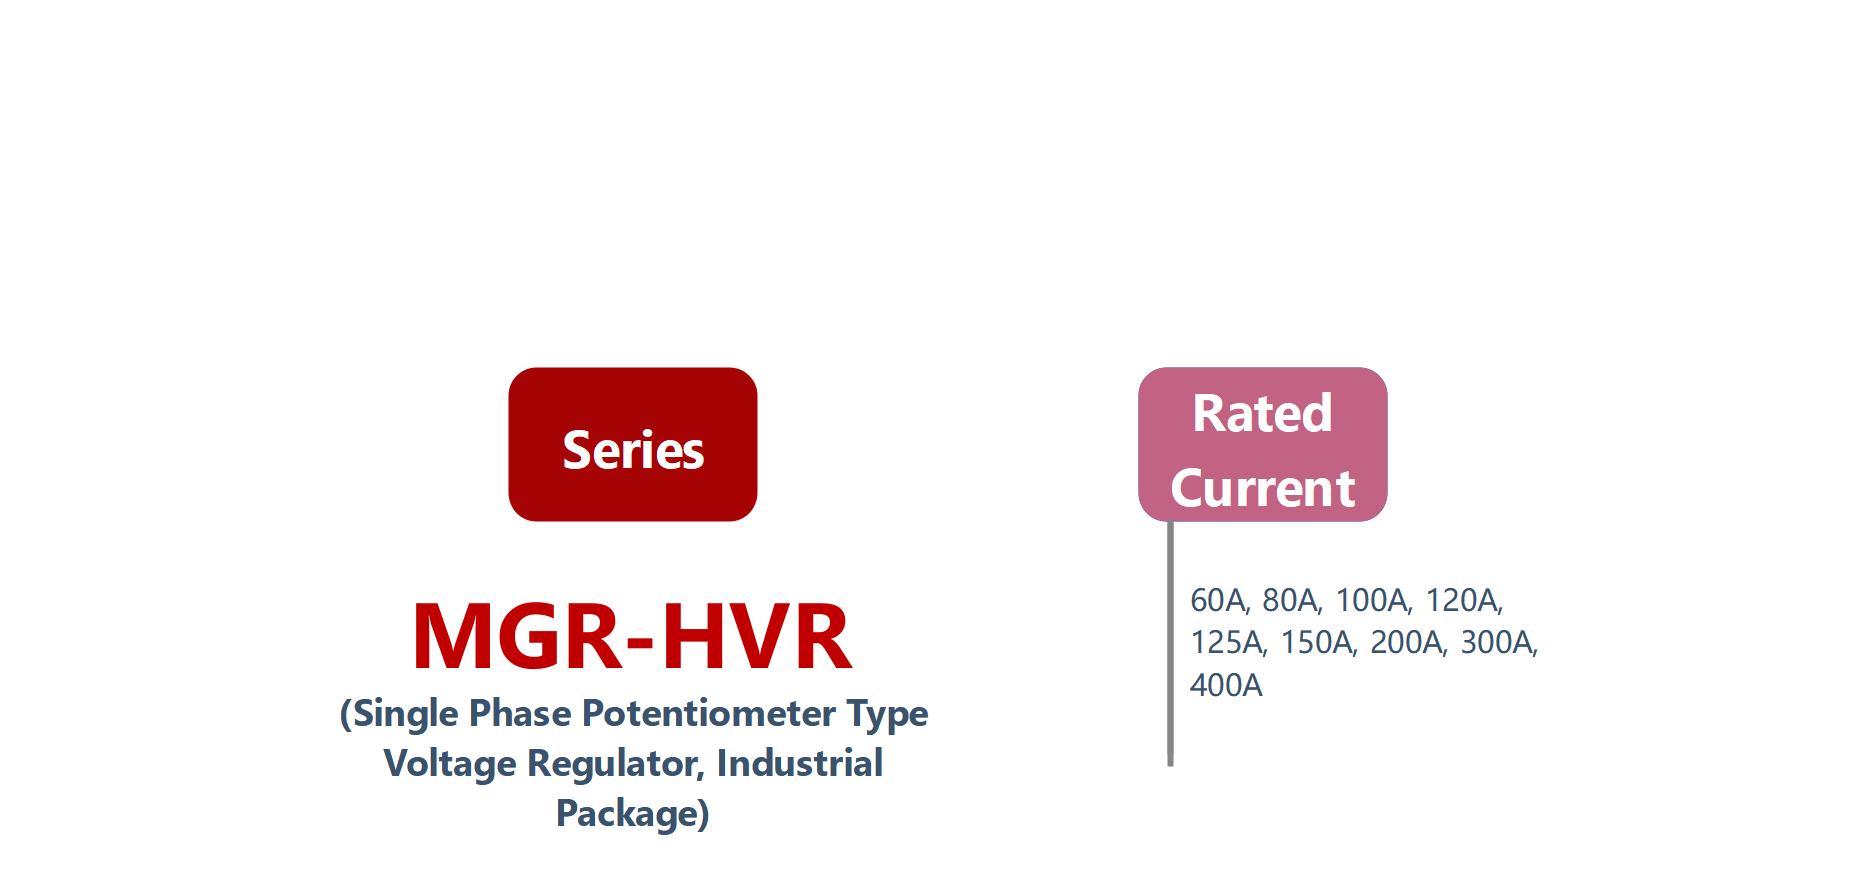 How to order MGR-HVR Series Voltage Power Regulator